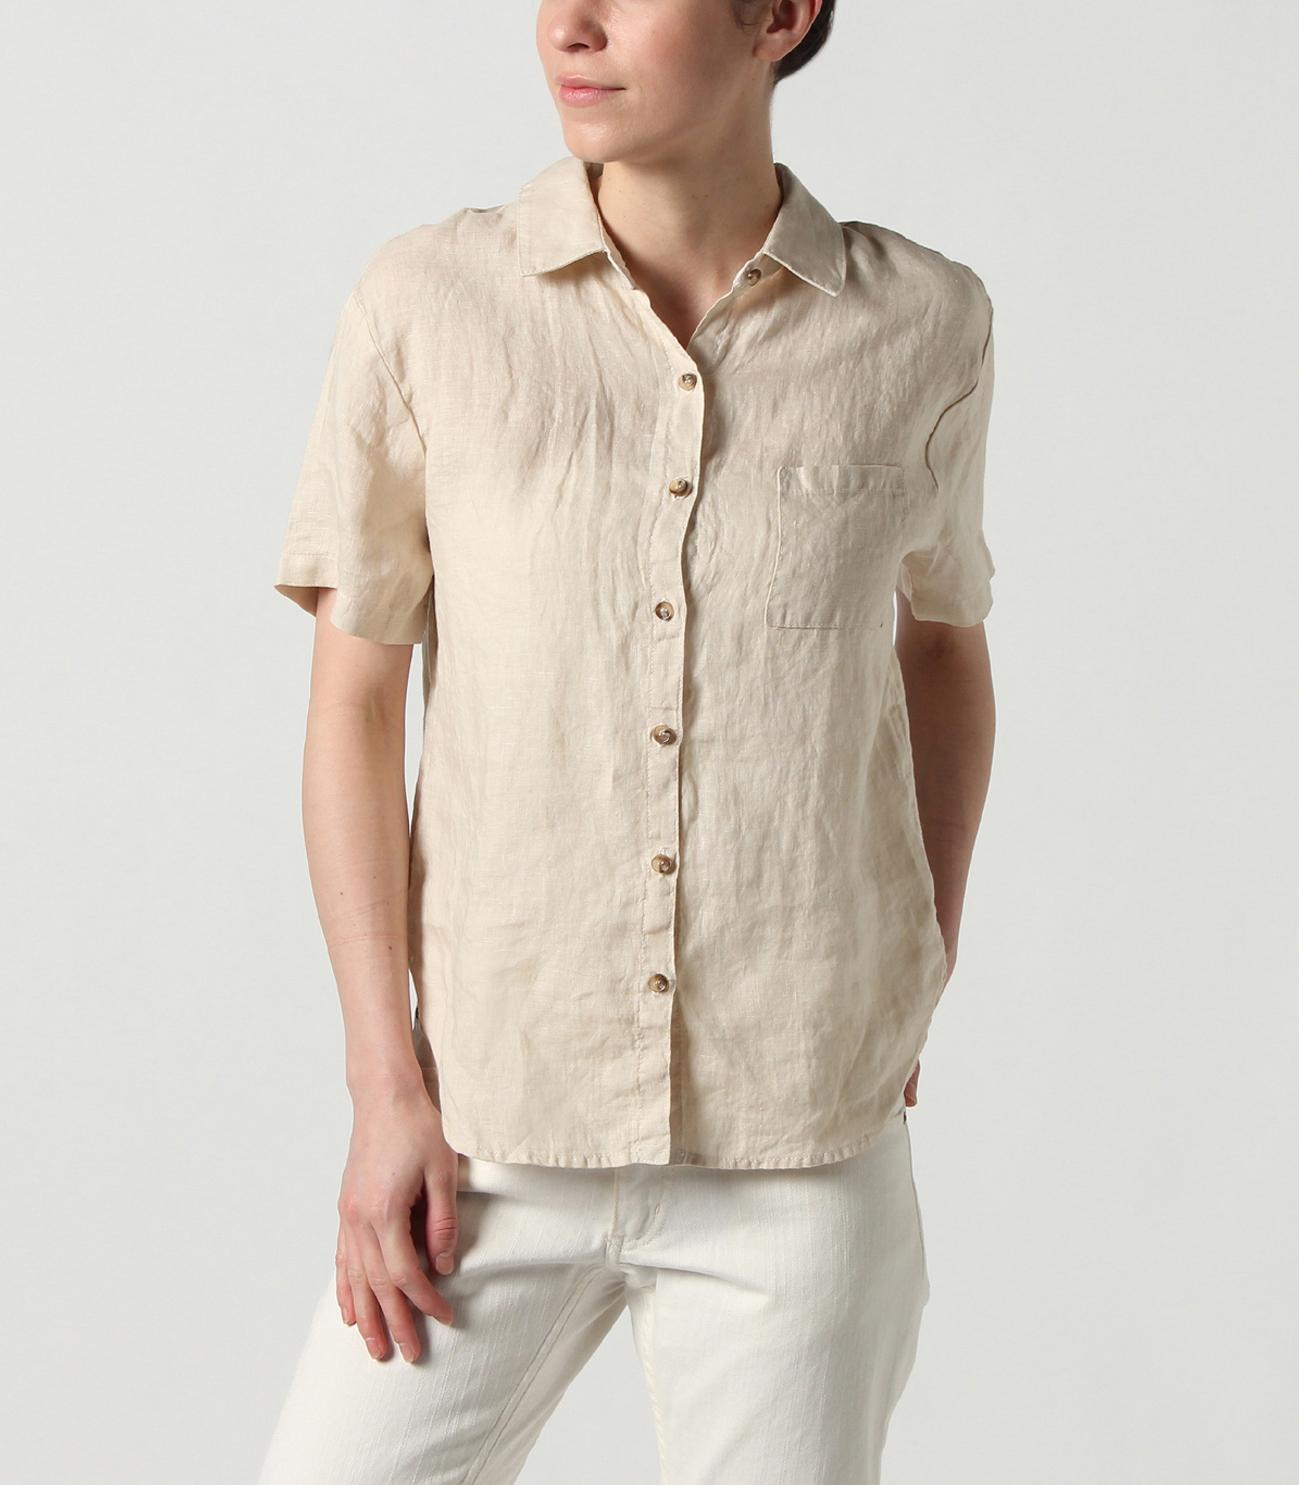 91221d81753b0f lt wt linen button up boxy shirt|スリードッツ オフィシャル ...